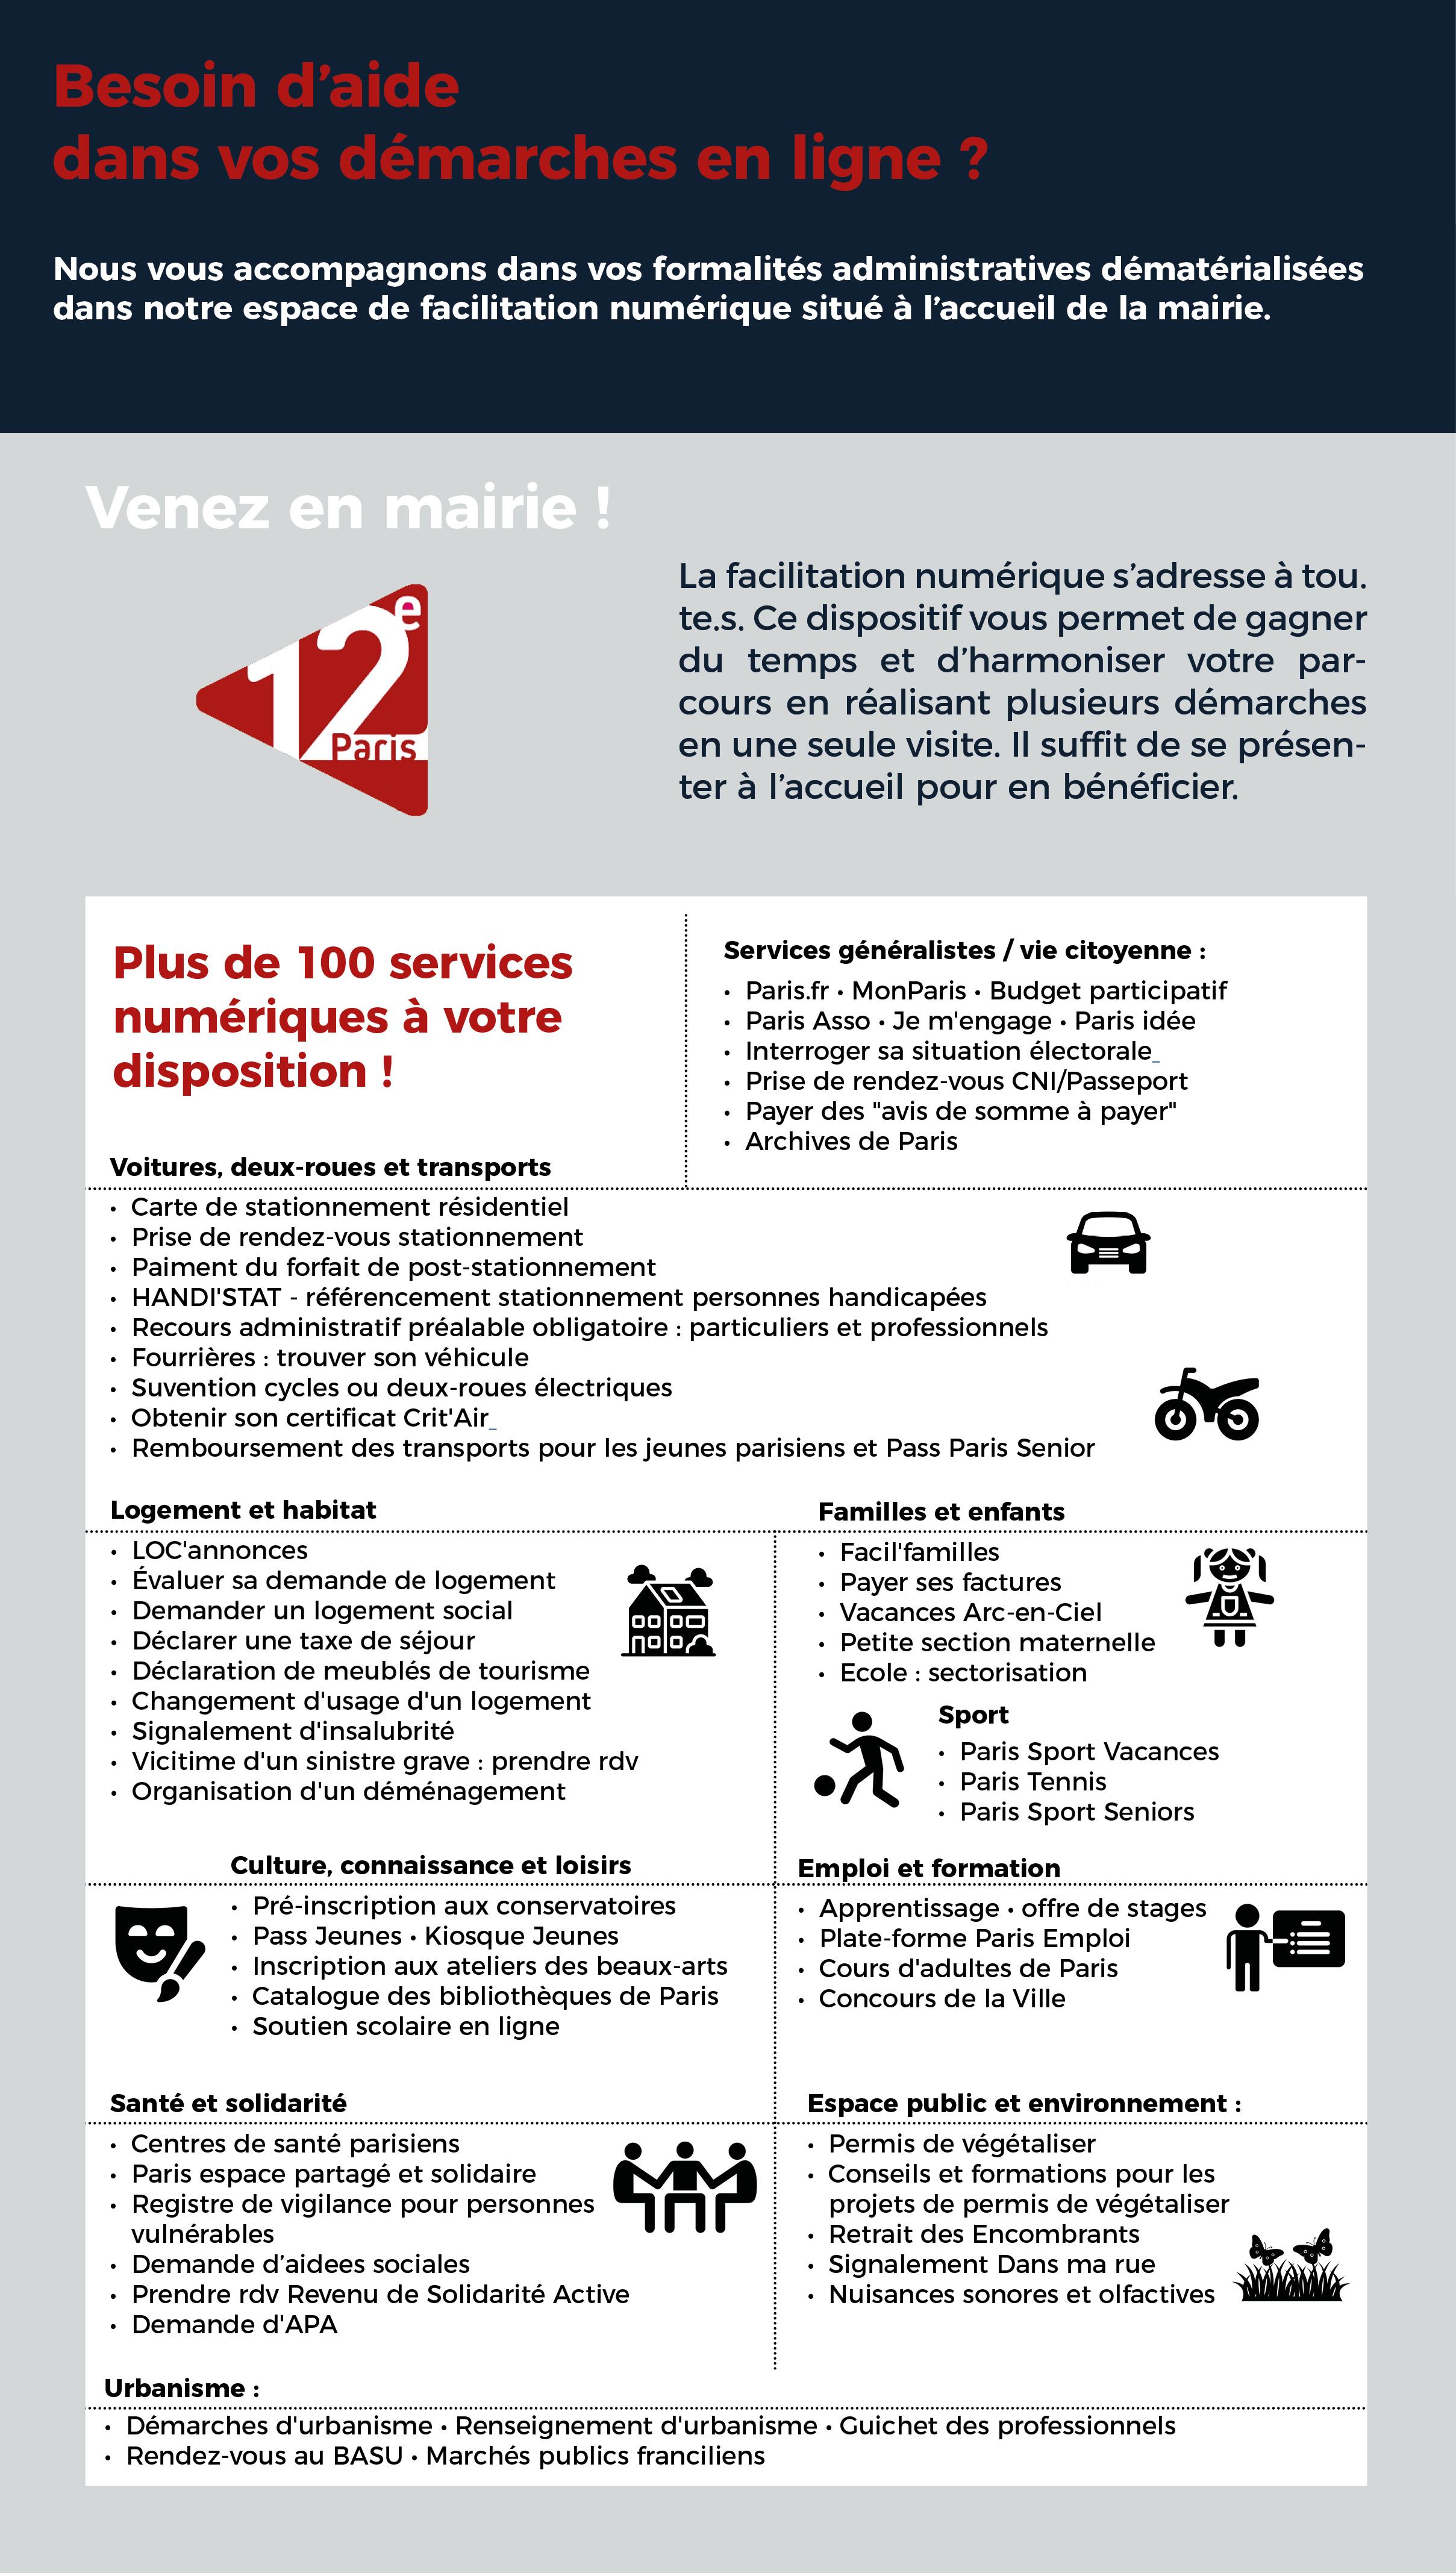 Description des téléservices pouvant faire l'objet d'un accompagnement au service accueil de la mairie du 12ème arrondissement.